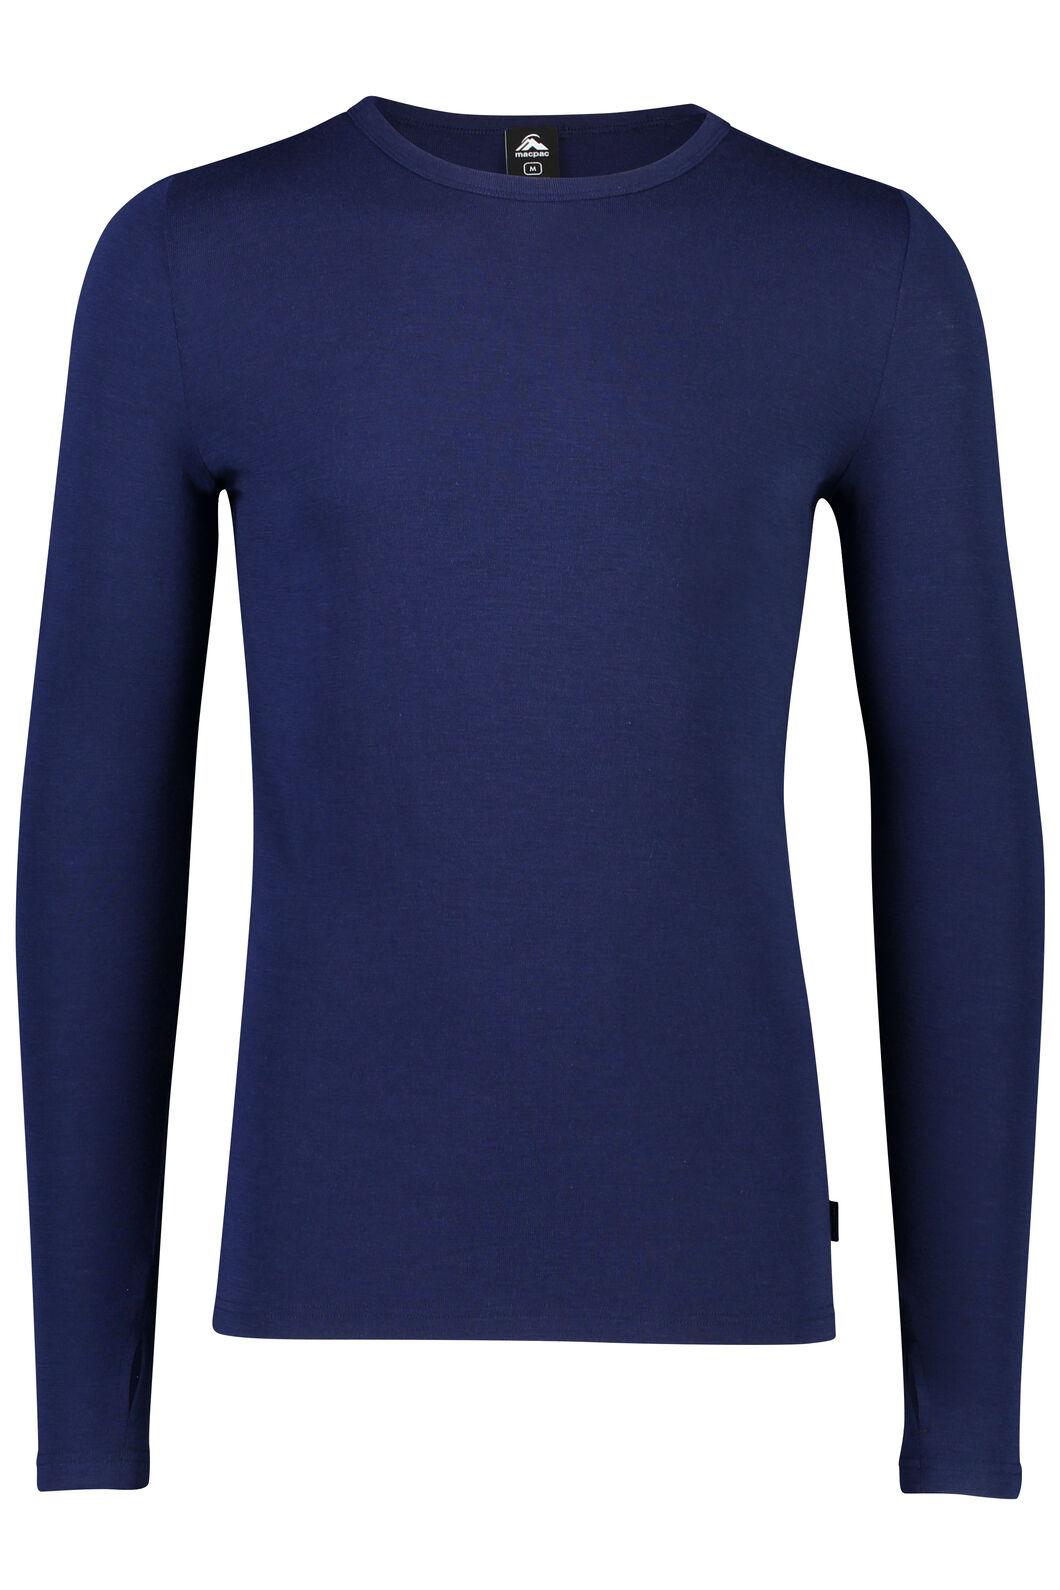 Macpac Men's 220 Merino Long Sleeve Top, Medieval Blue, hi-res